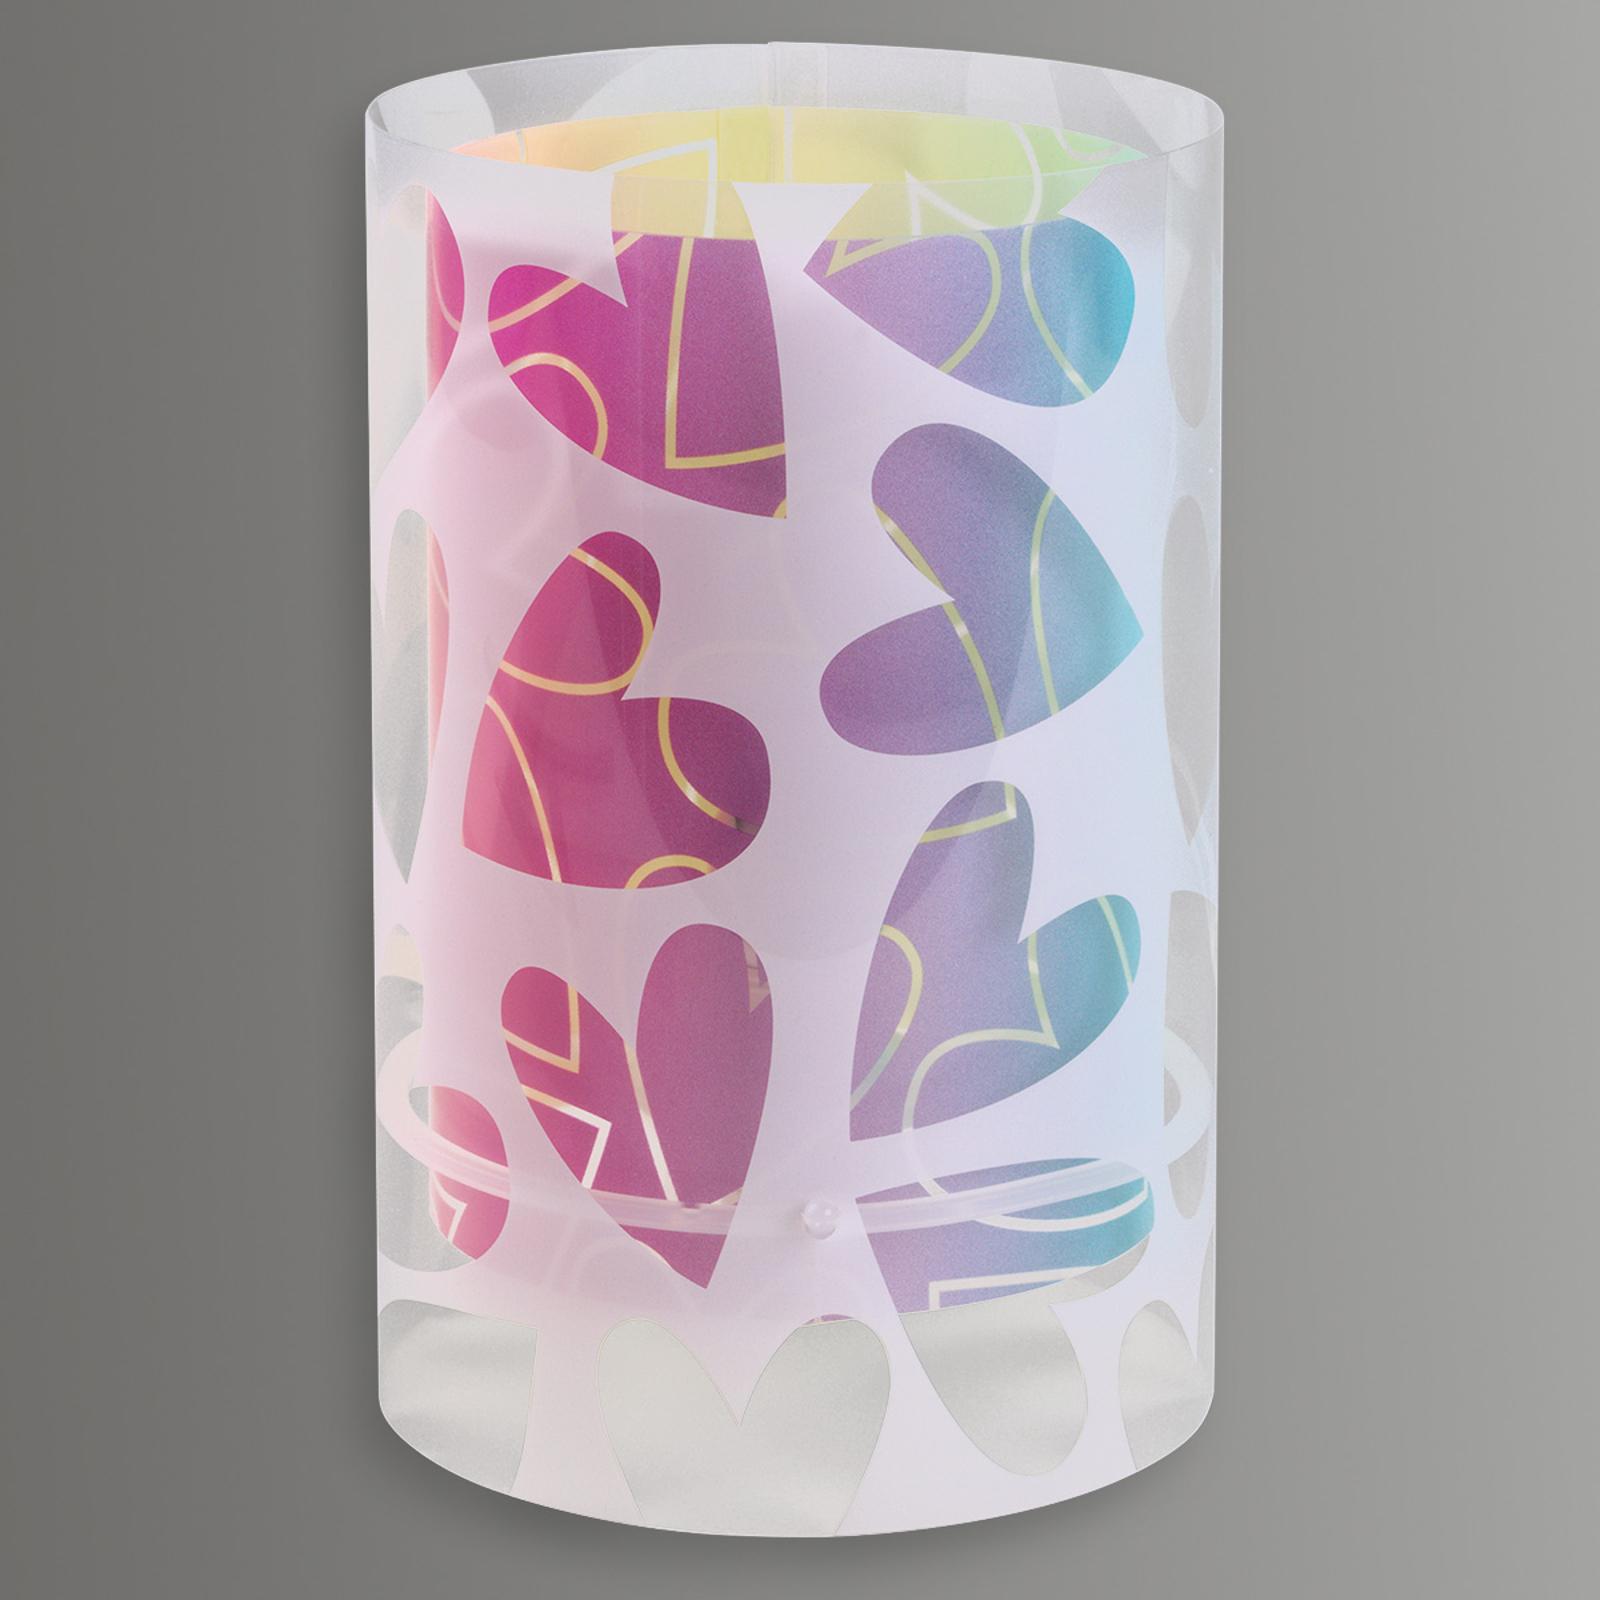 Cuore - bordlampe dekorert med hjerter